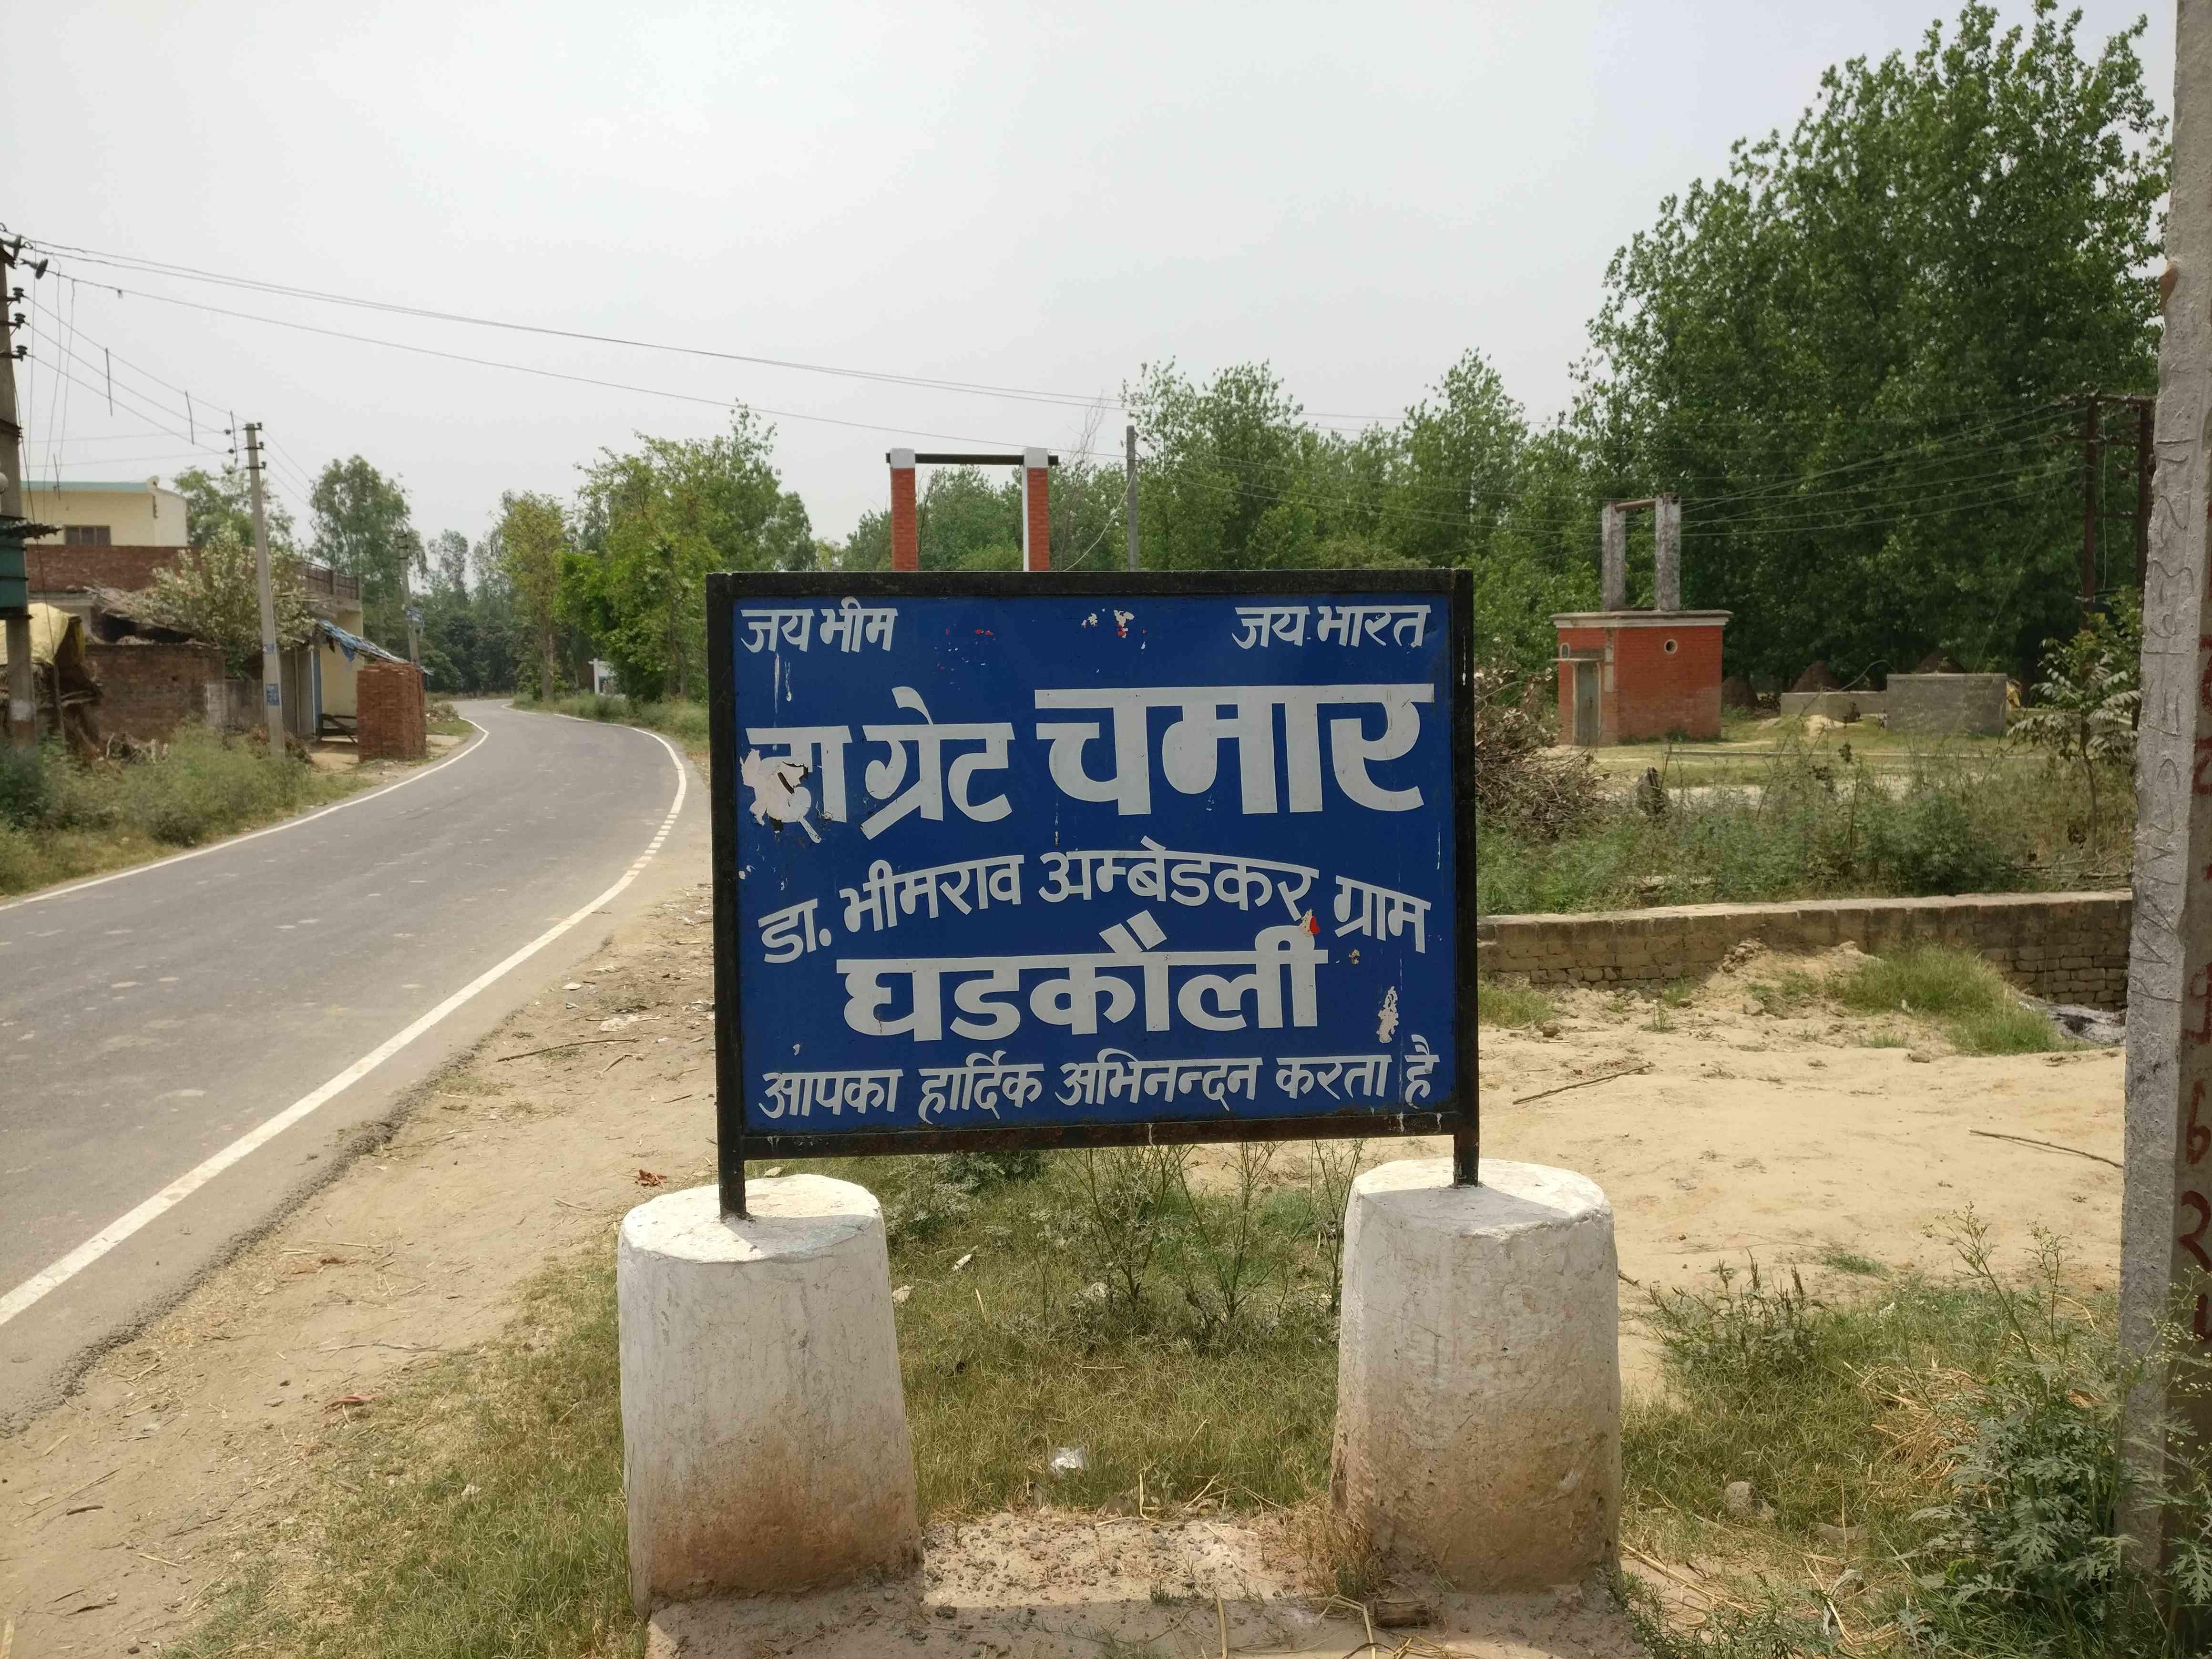 The Great Chamaar board in Gharkauli, Saharanpur. (Photo credit: Shoaib Daniyal).